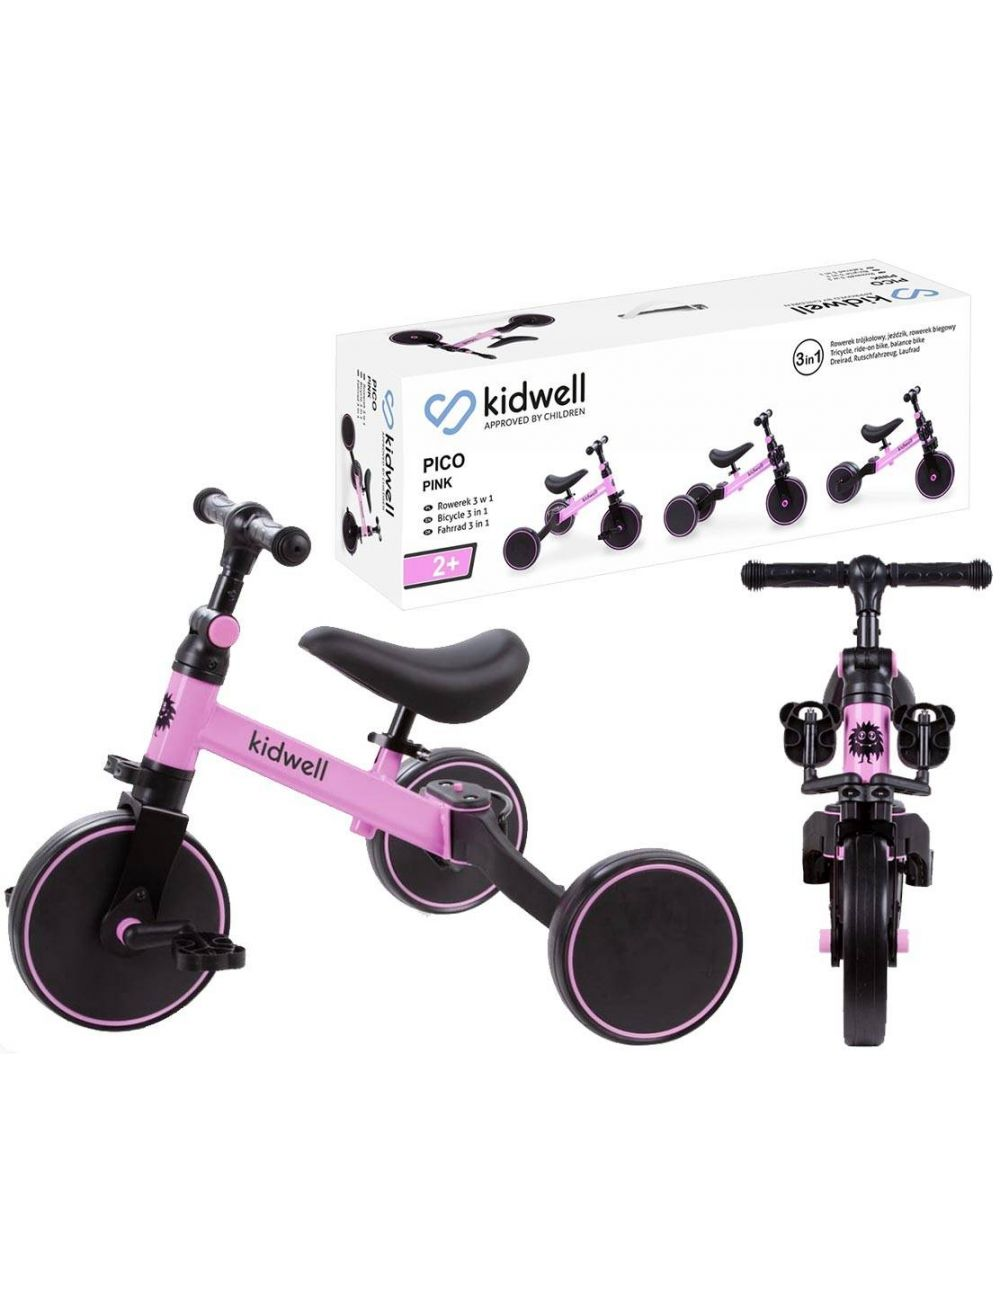 Kidwell Pico Pink Rowerek 3w1 Trójkołowy Różowy